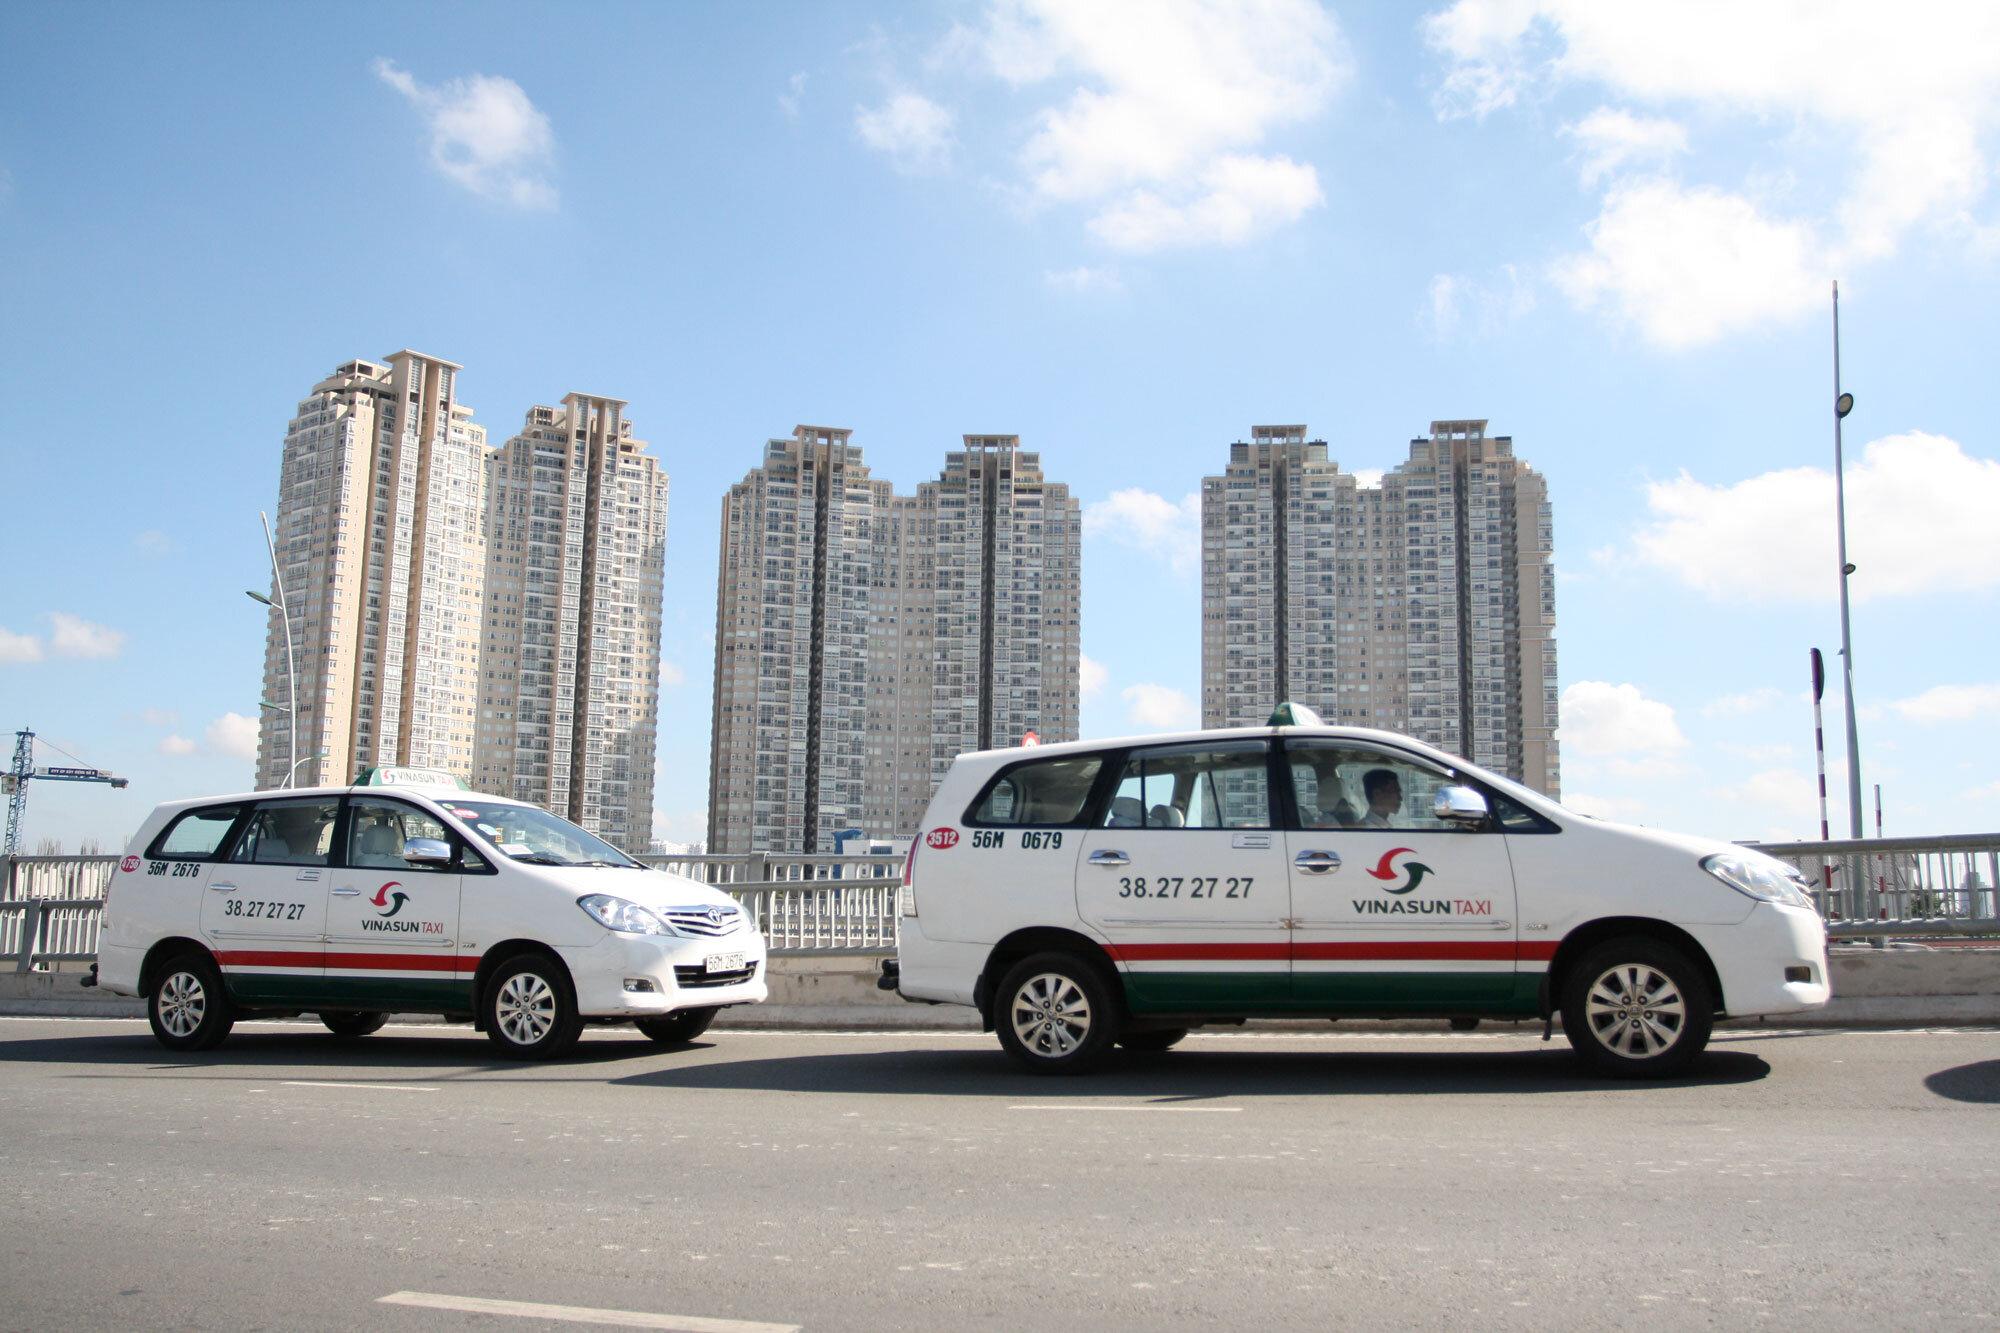 Tổng hợp số điện thoại các hãng taxi tại thành phố Hồ Chí Minh